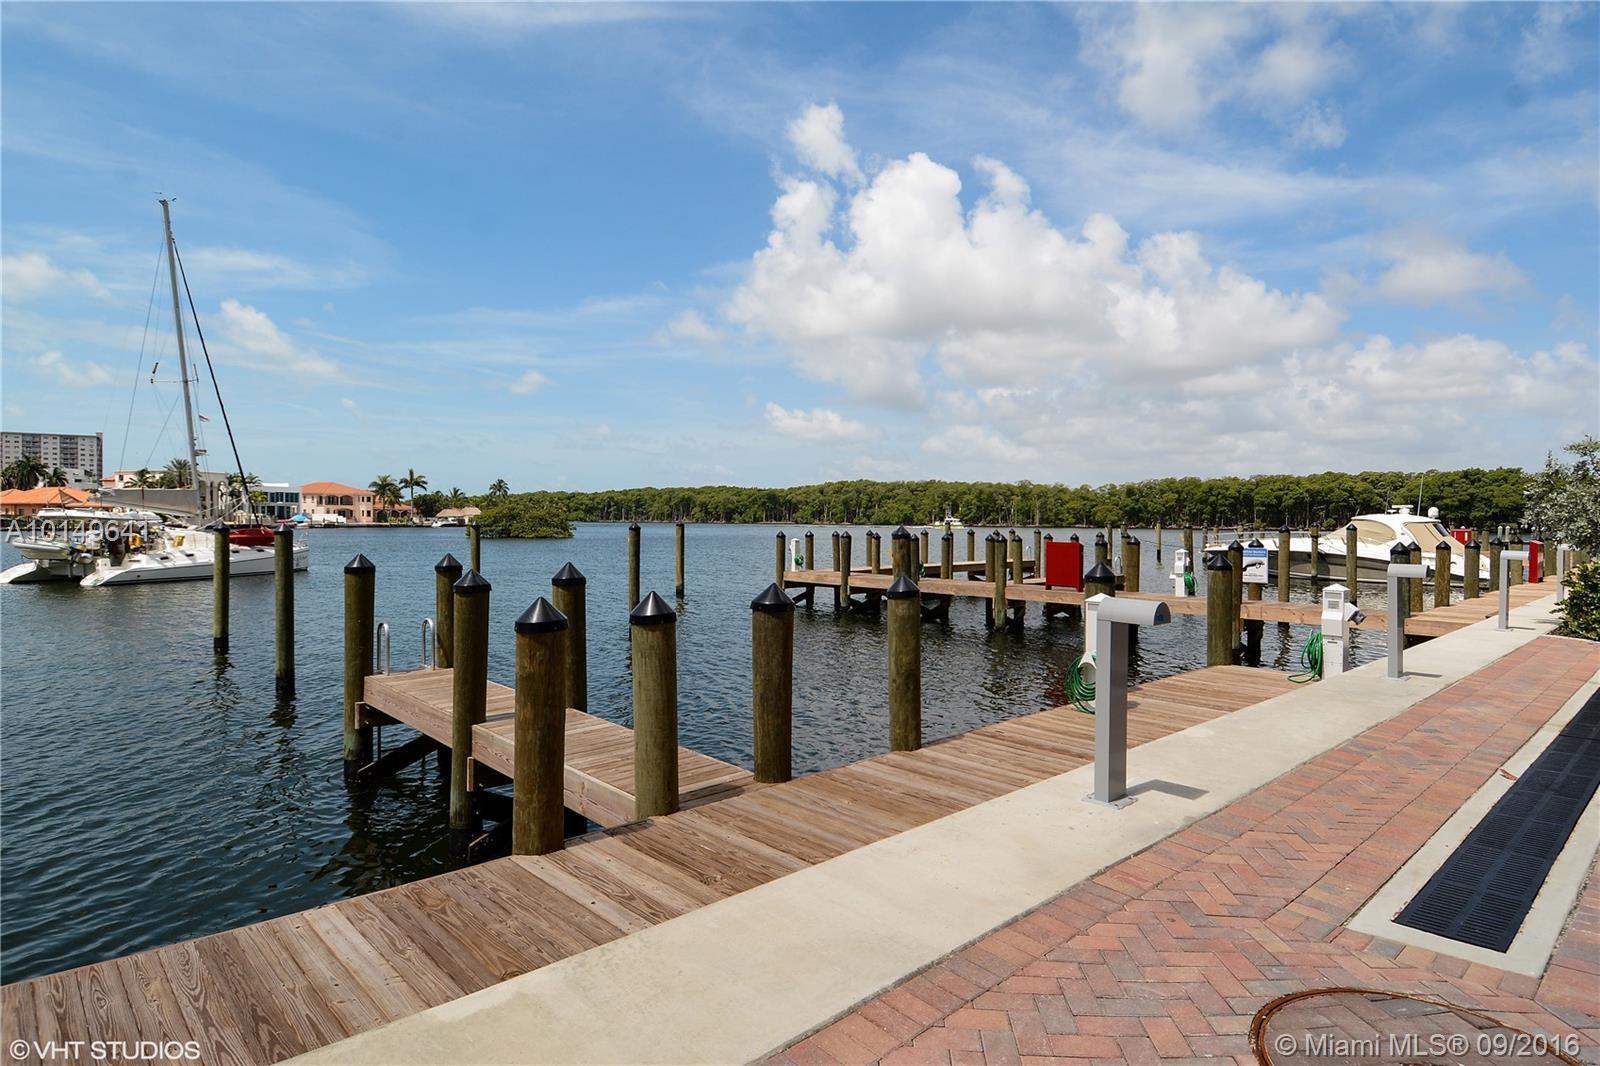 400 Sunny Isles Blvd, Sunny Isles Beach, FL 33160